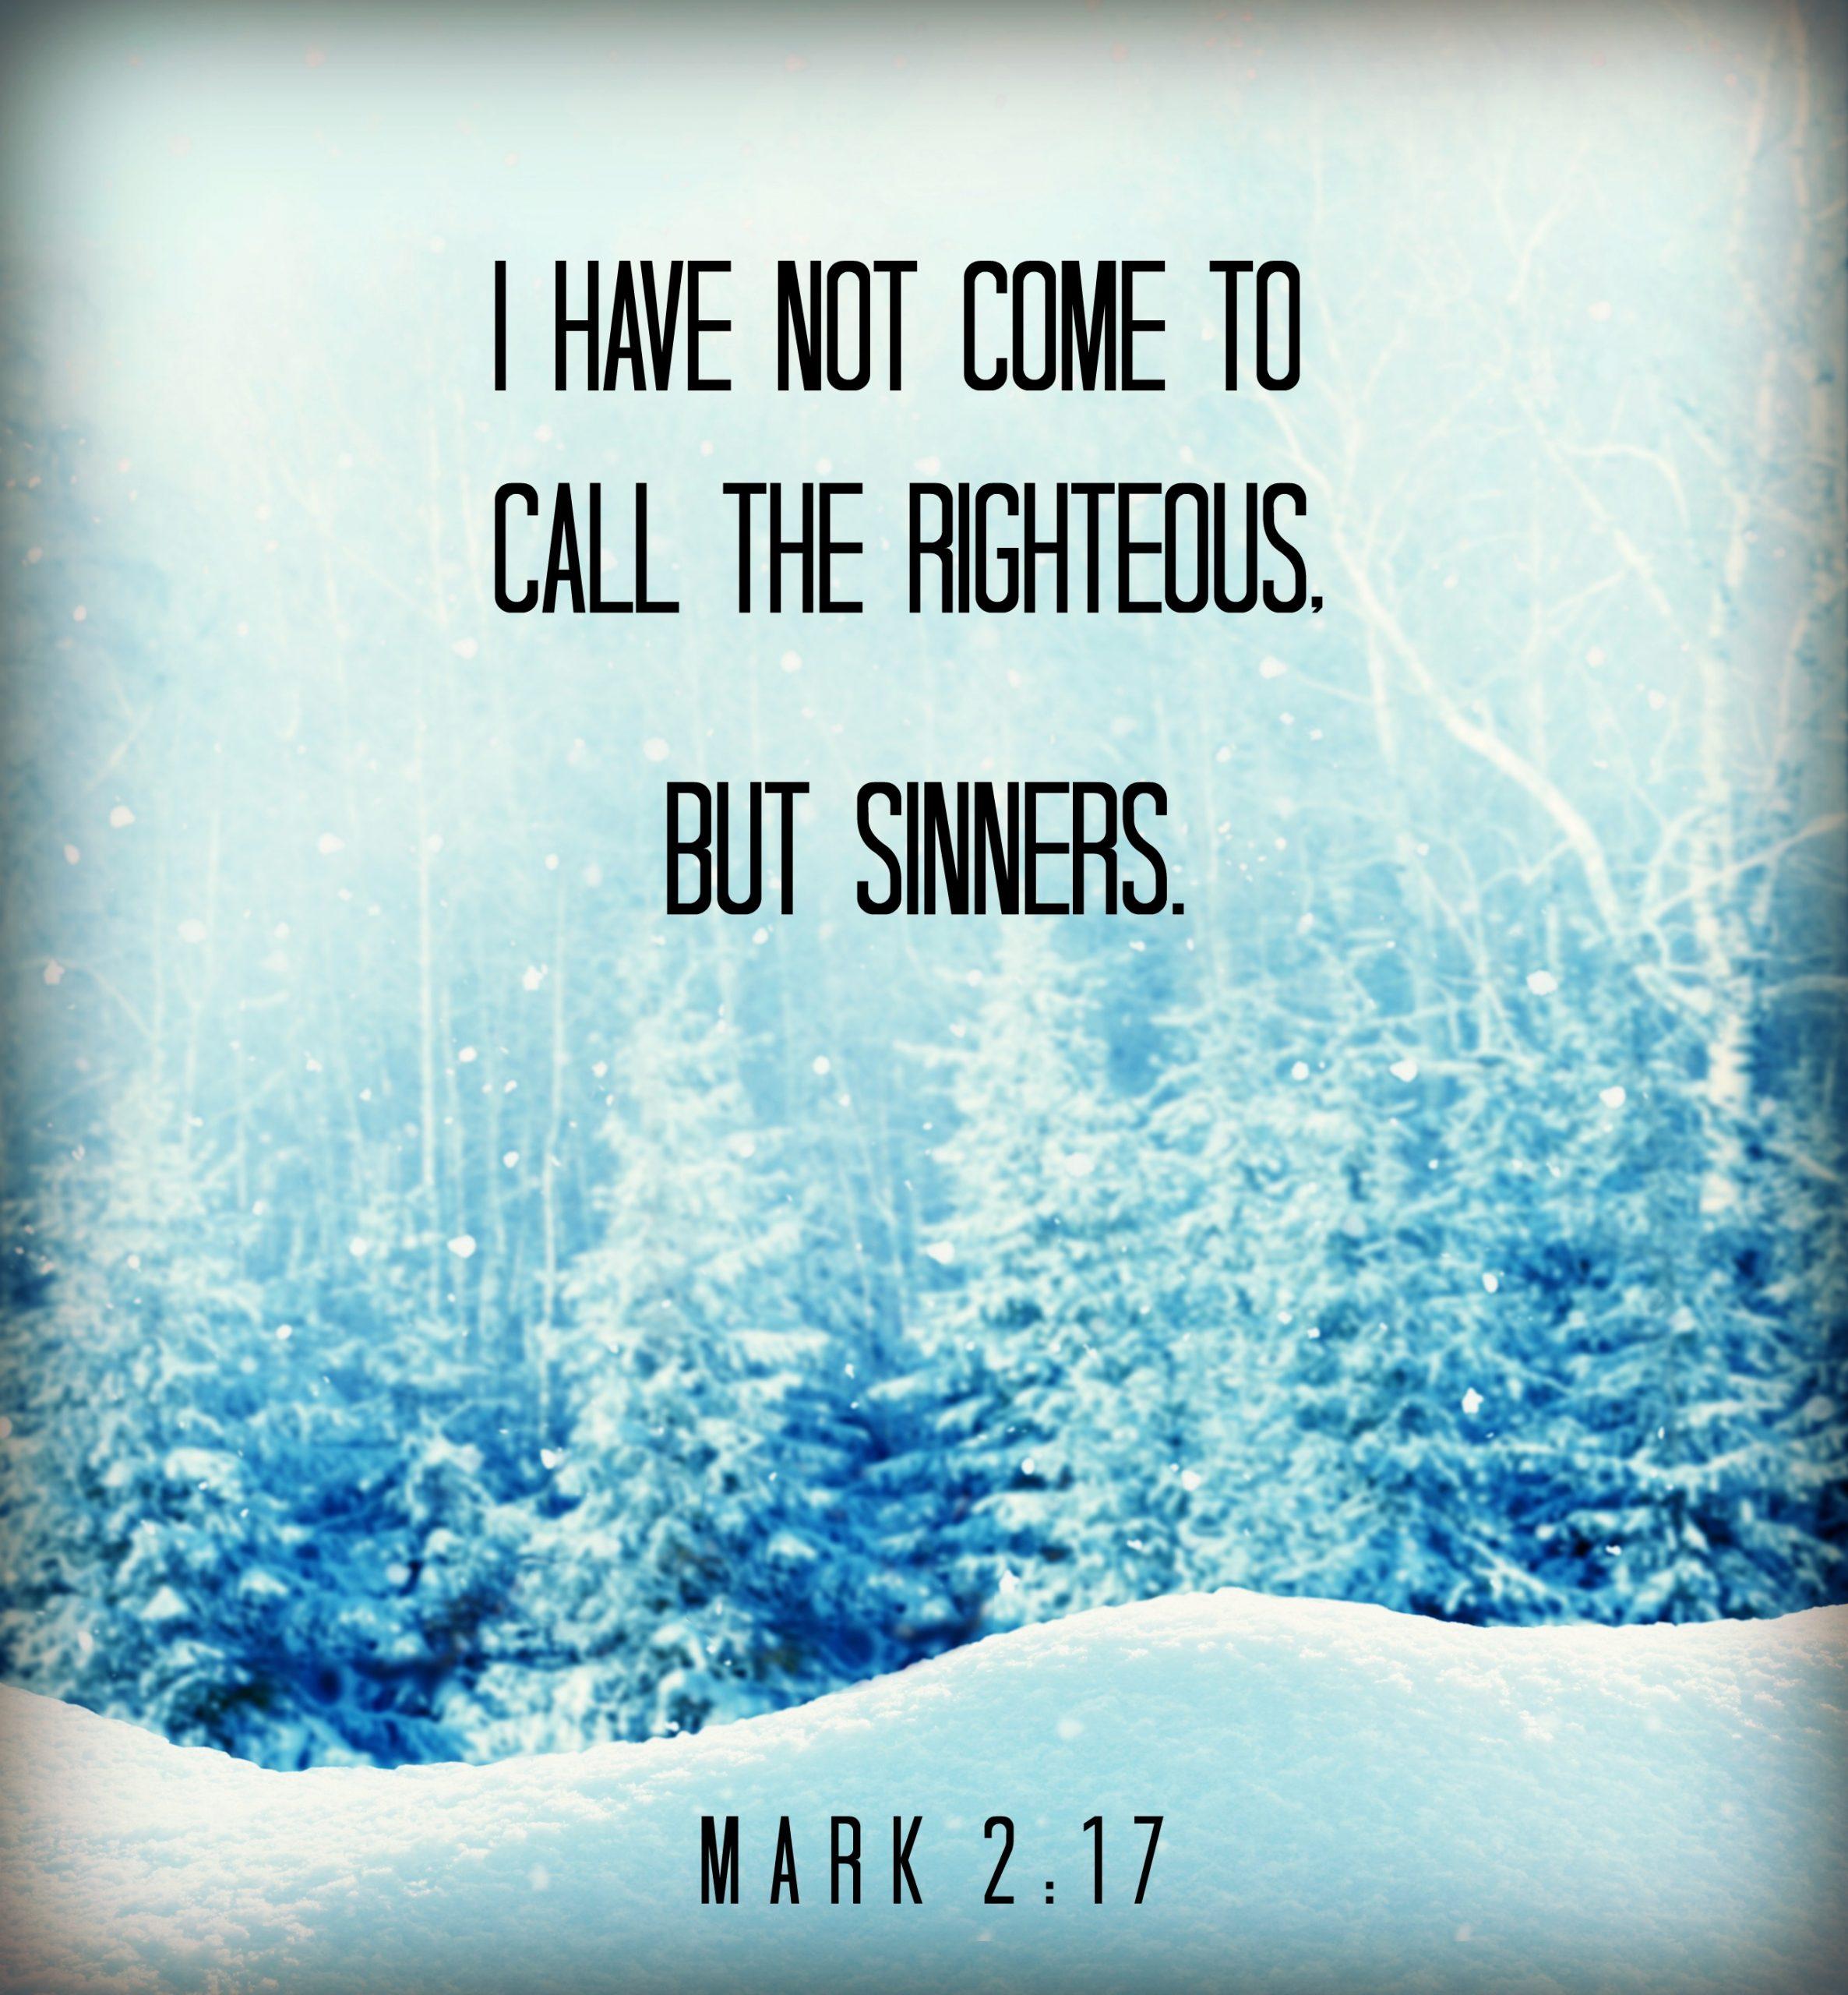 Mark 2:17